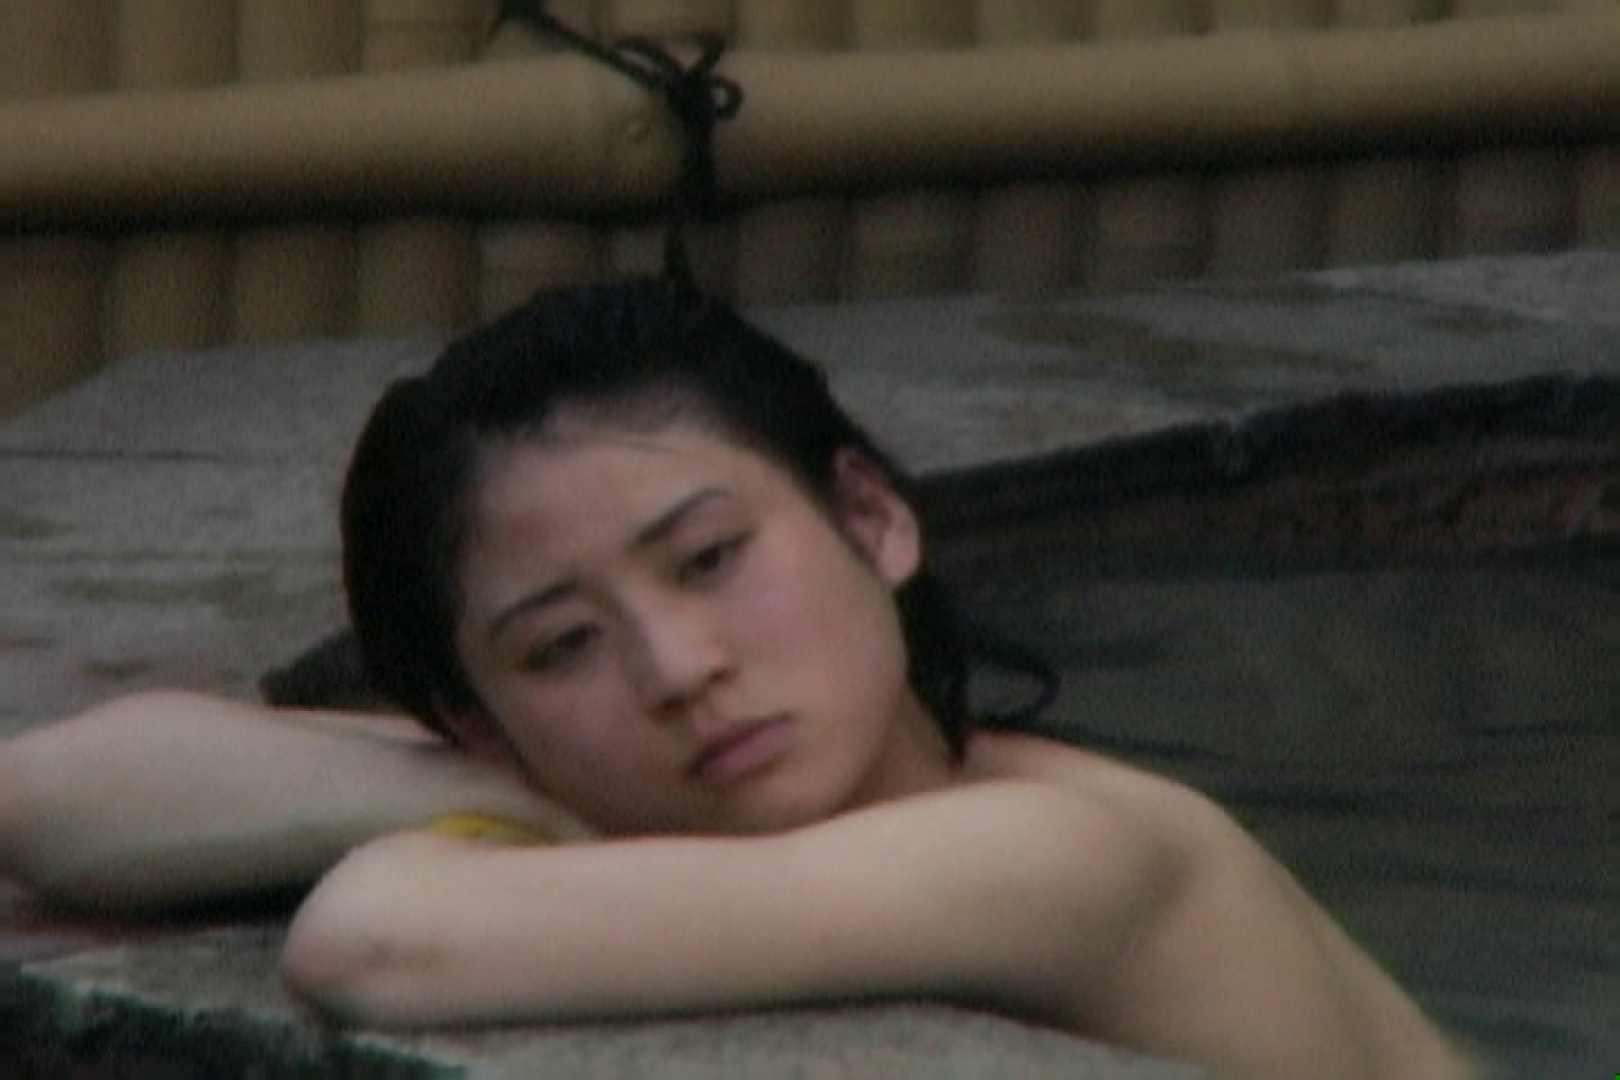 高画質露天女風呂観察 vol.004 入浴 盗撮エロ画像 110画像 96